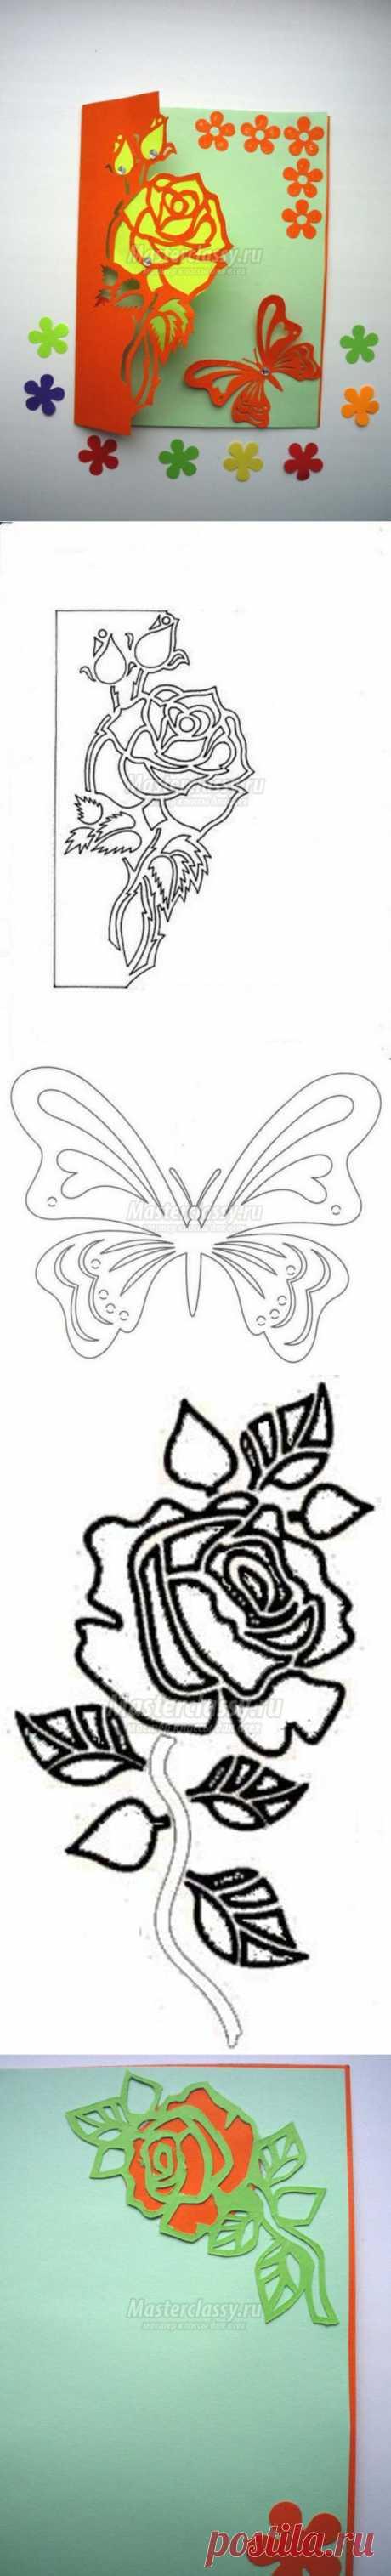 Киригами. Резная открытка «Роза и бабочка». Мастер-класс с пошаговыми фото